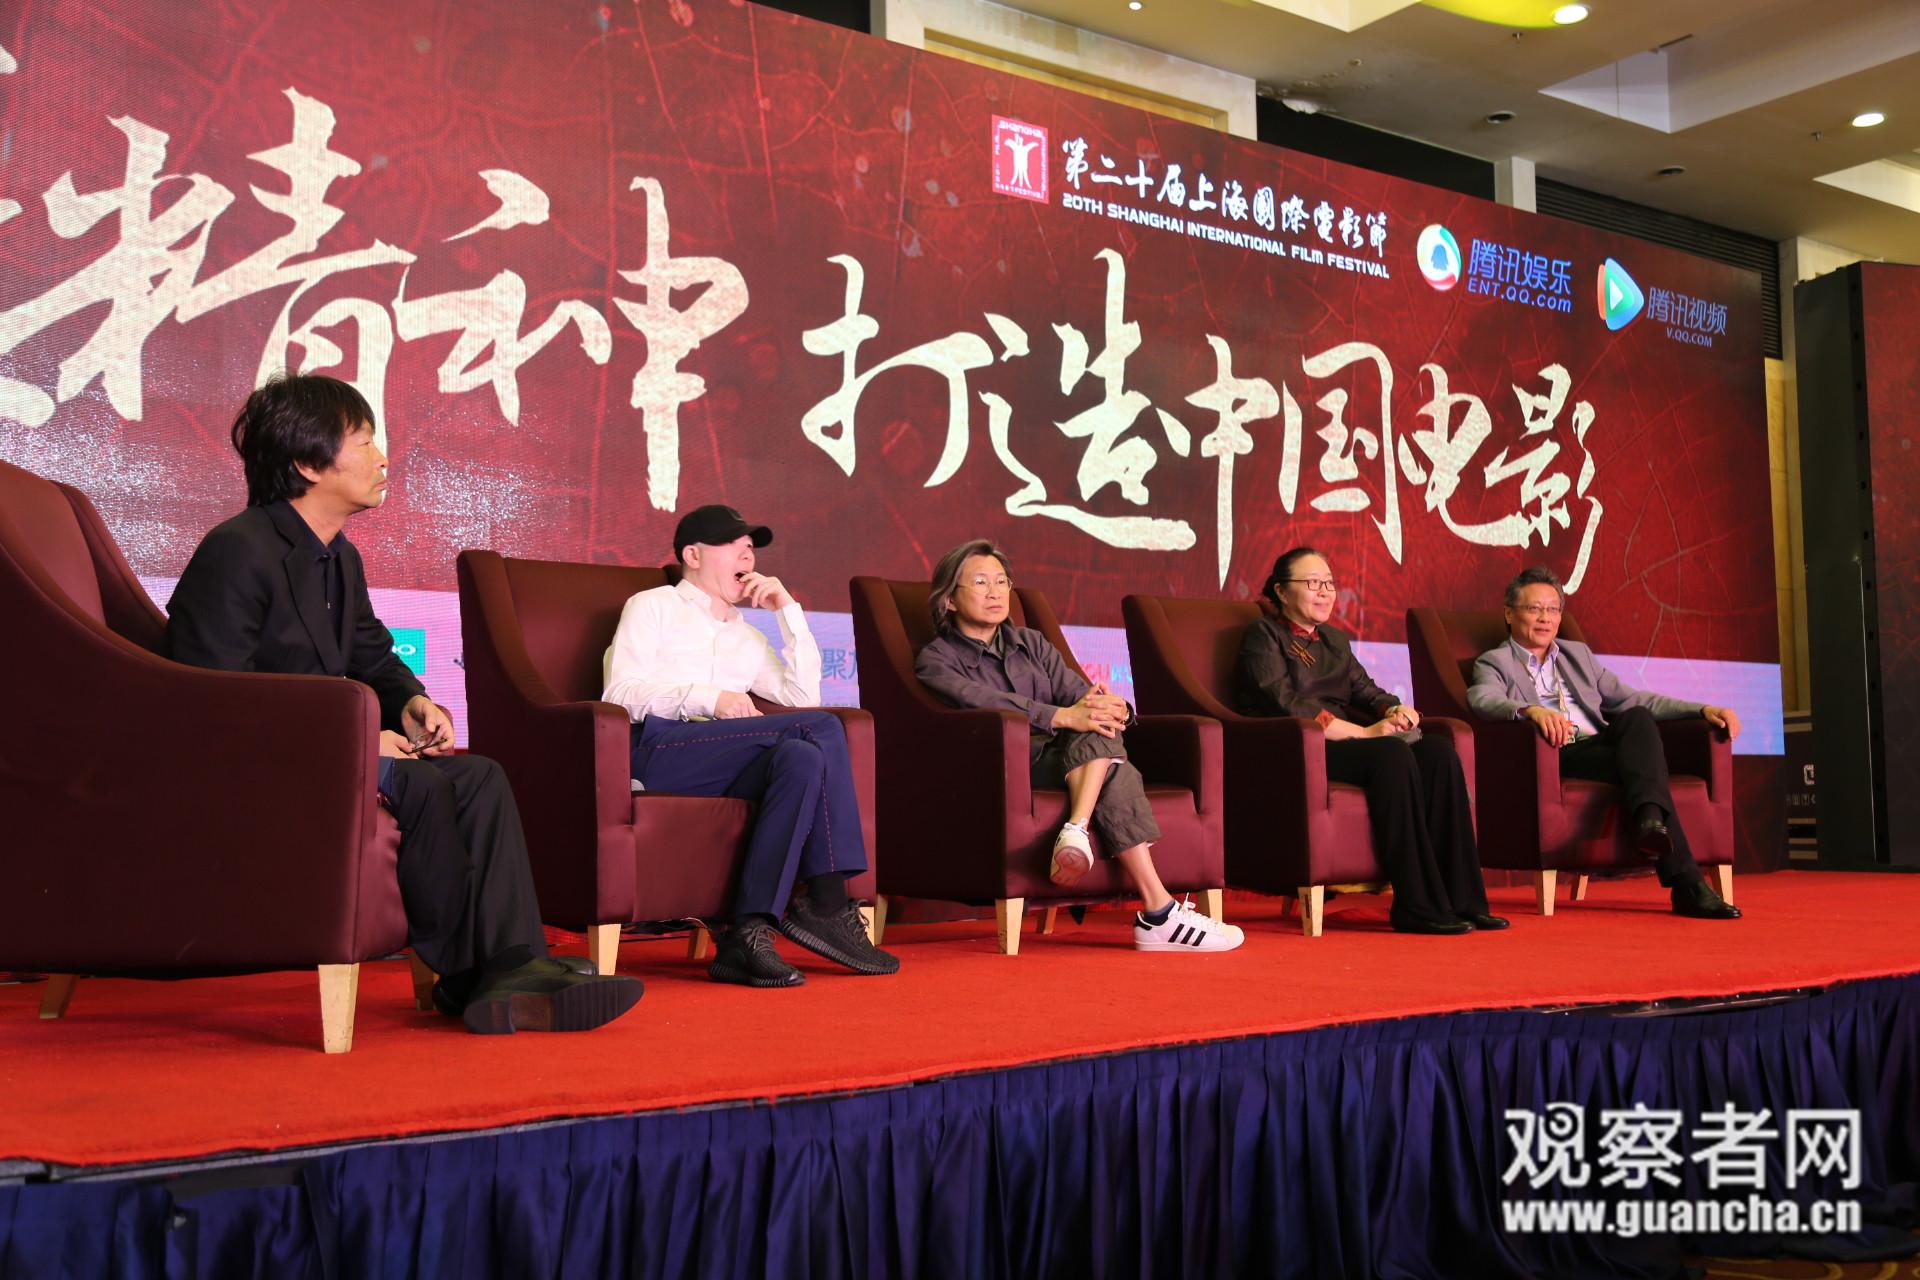 冯小刚放炮:中国垃圾电影遍地,一定和垃圾观众有关